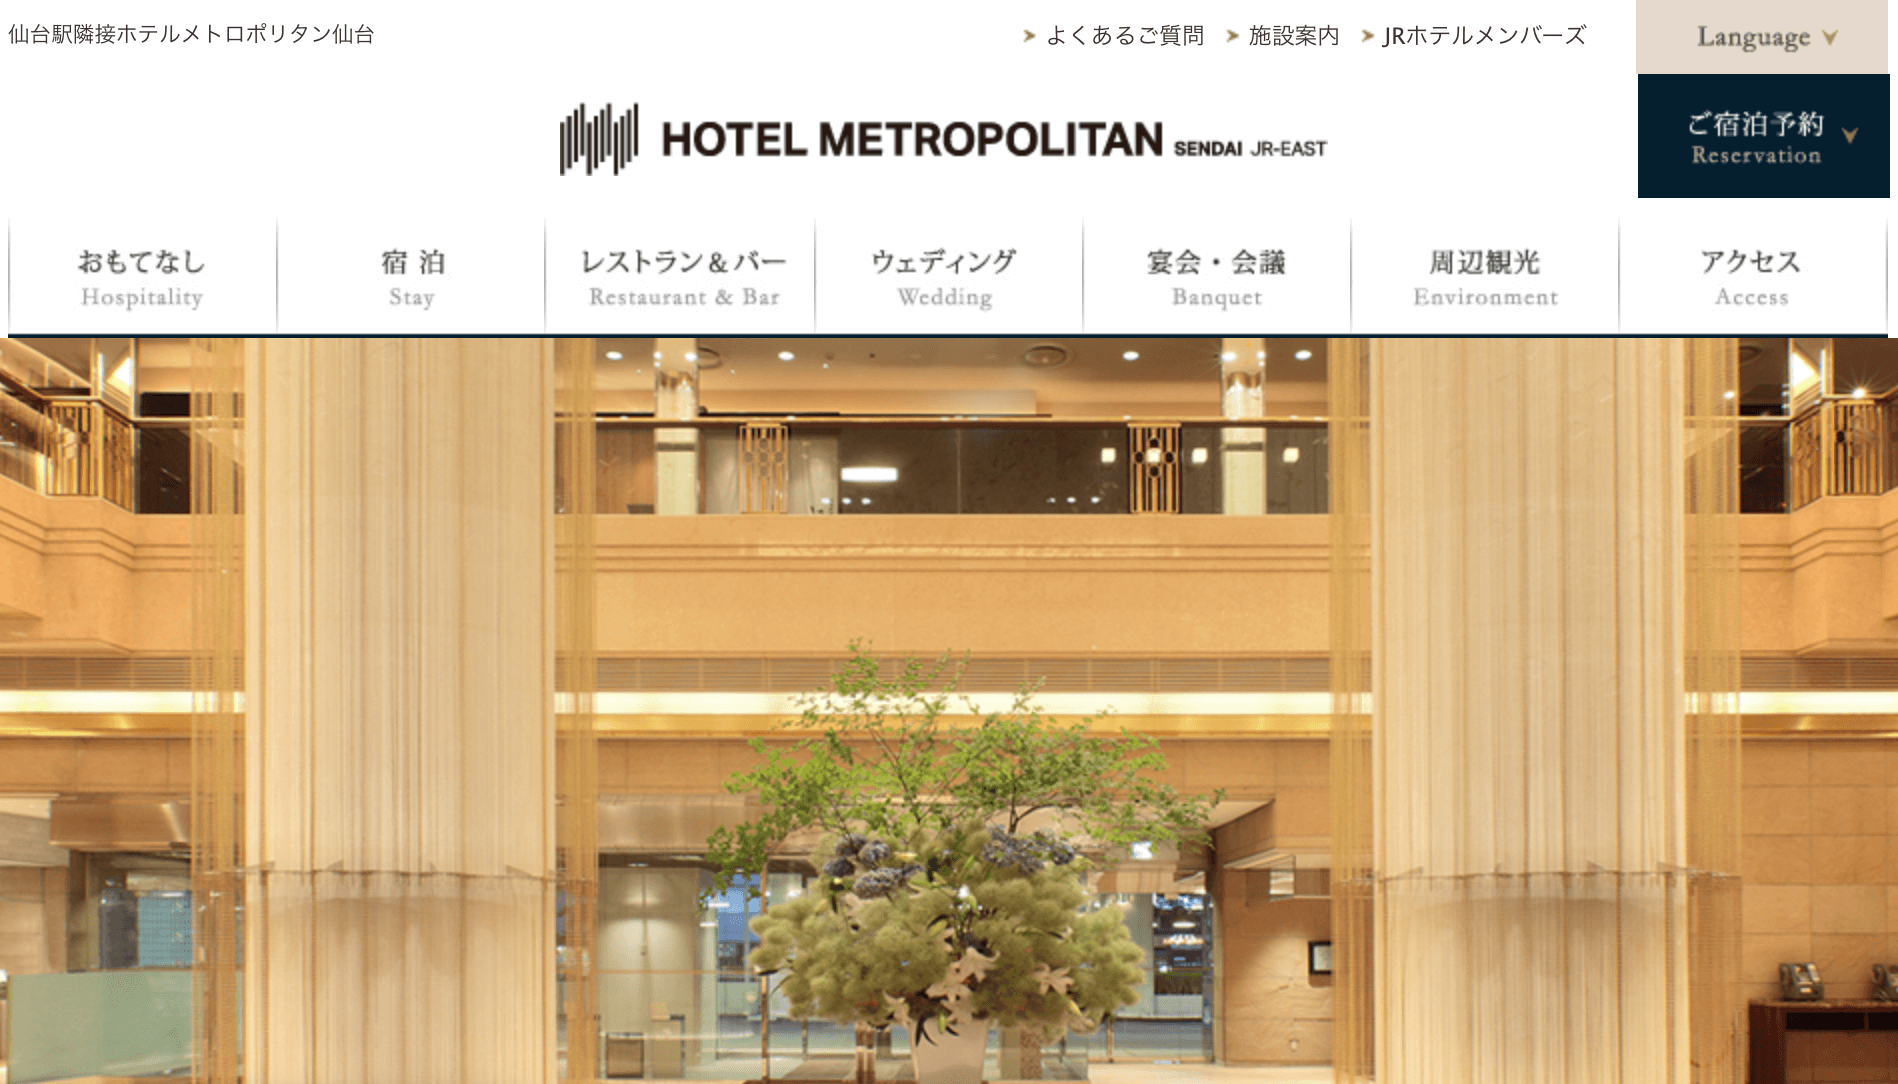 仙台でパパ活におすすめなホテル「ホテルメトロポリタン仙台」